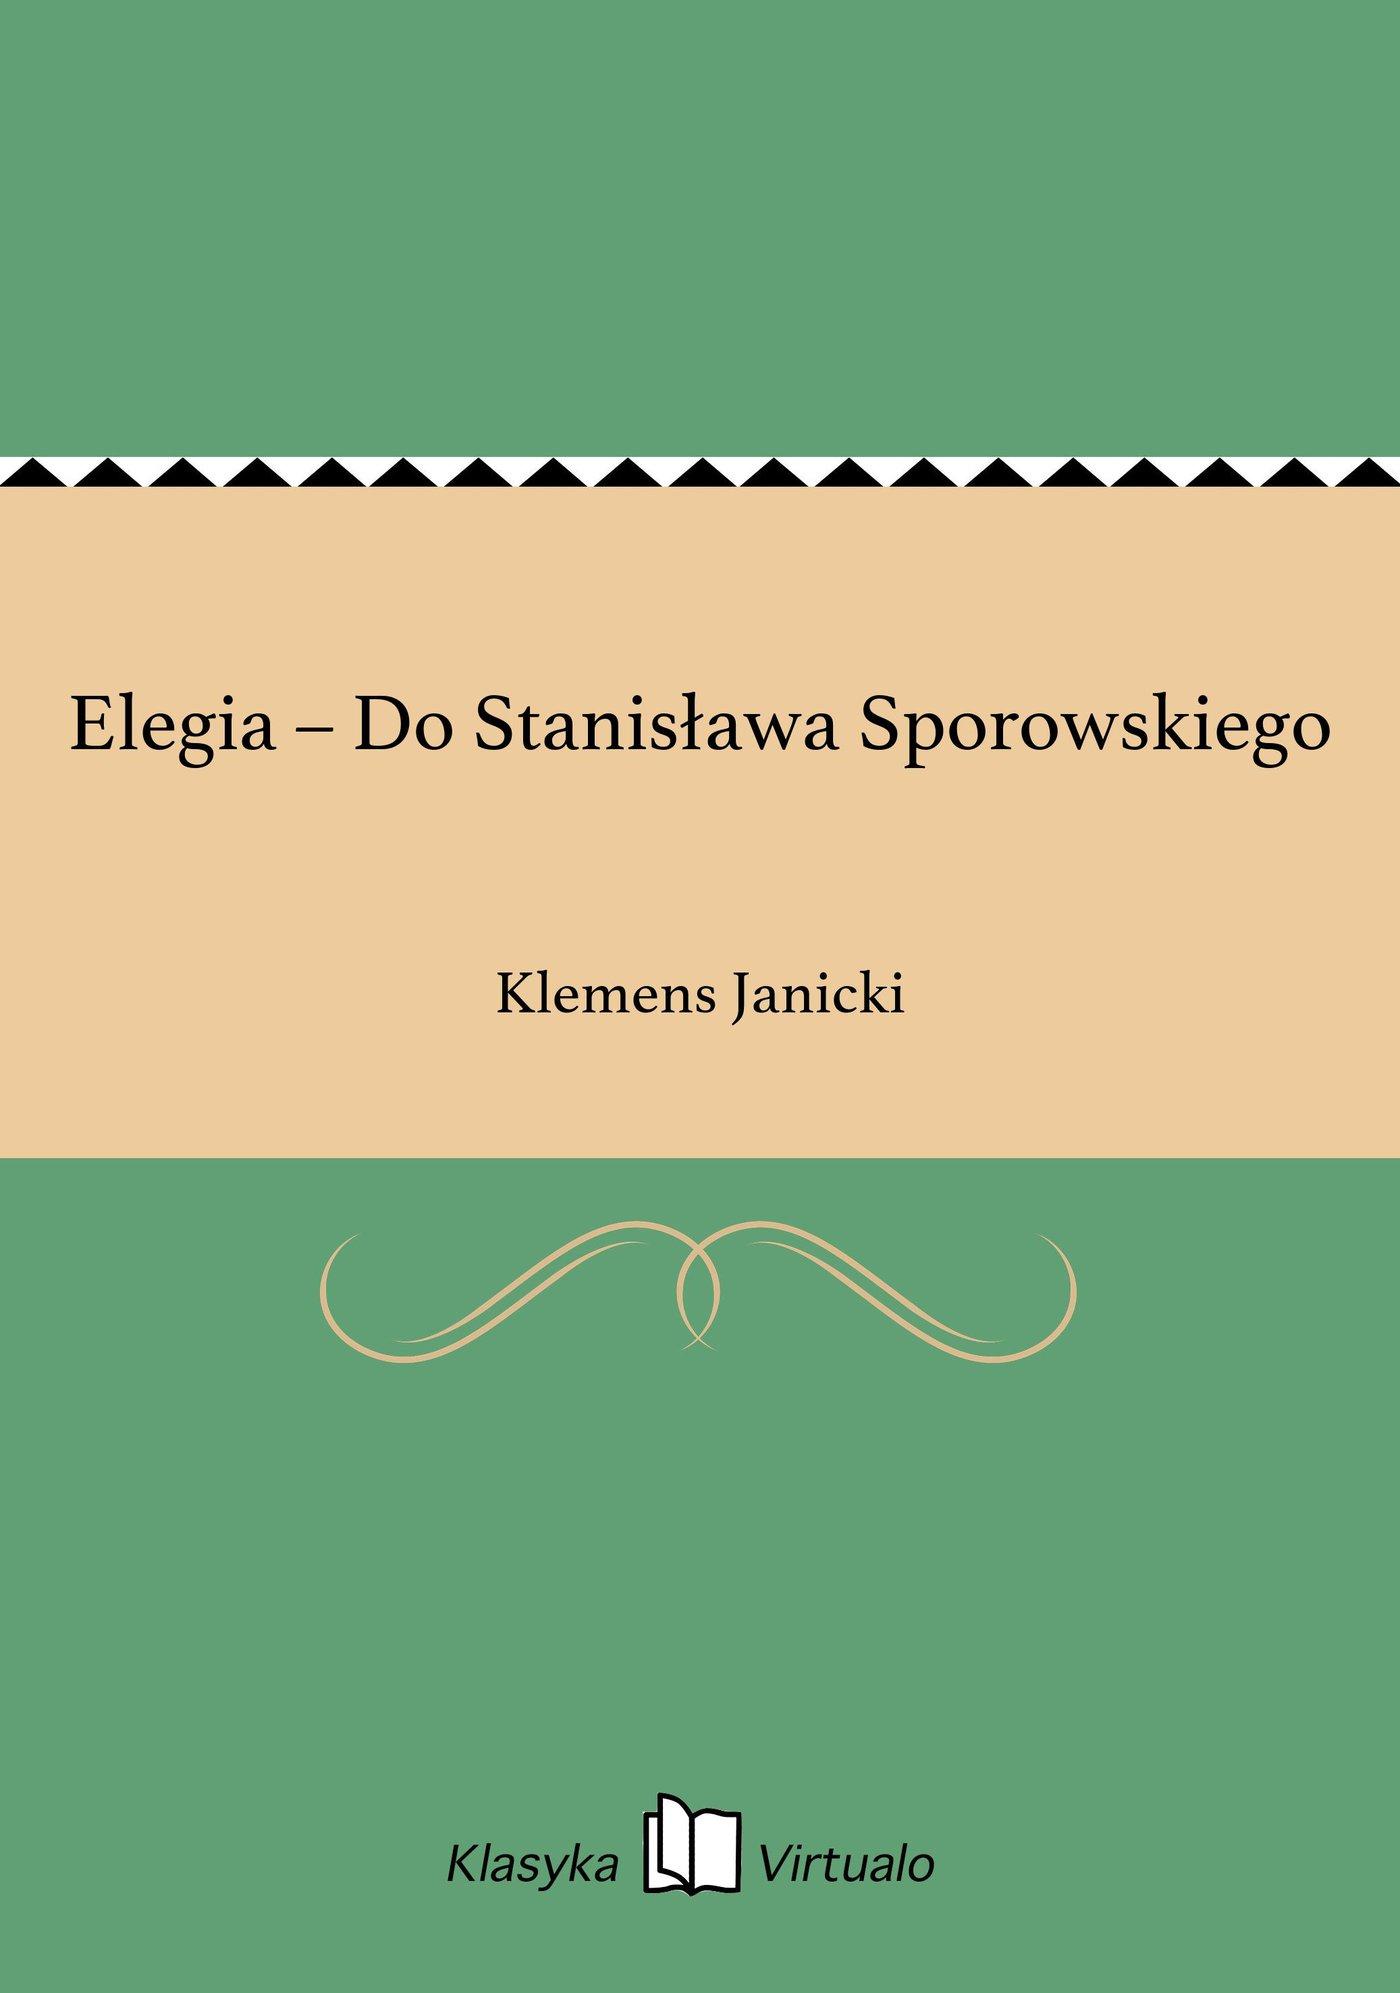 Elegia – Do Stanisława Sporowskiego - Ebook (Książka EPUB) do pobrania w formacie EPUB